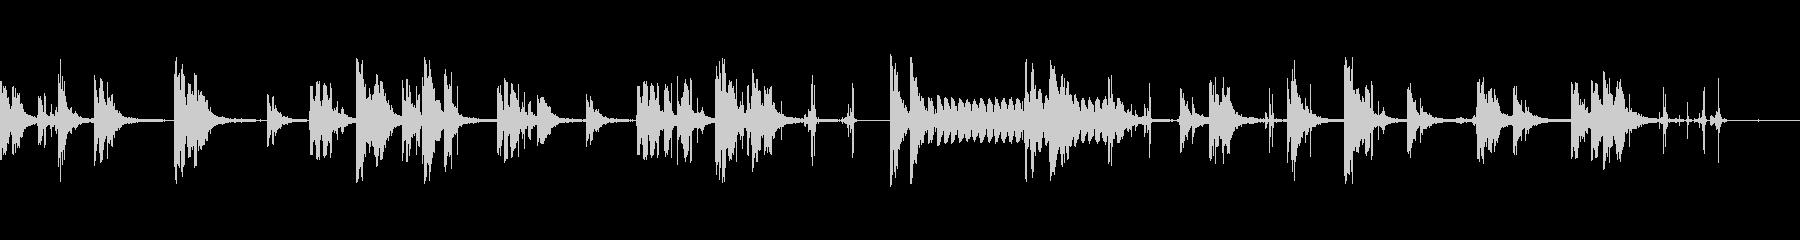 ファイアファイト2の未再生の波形